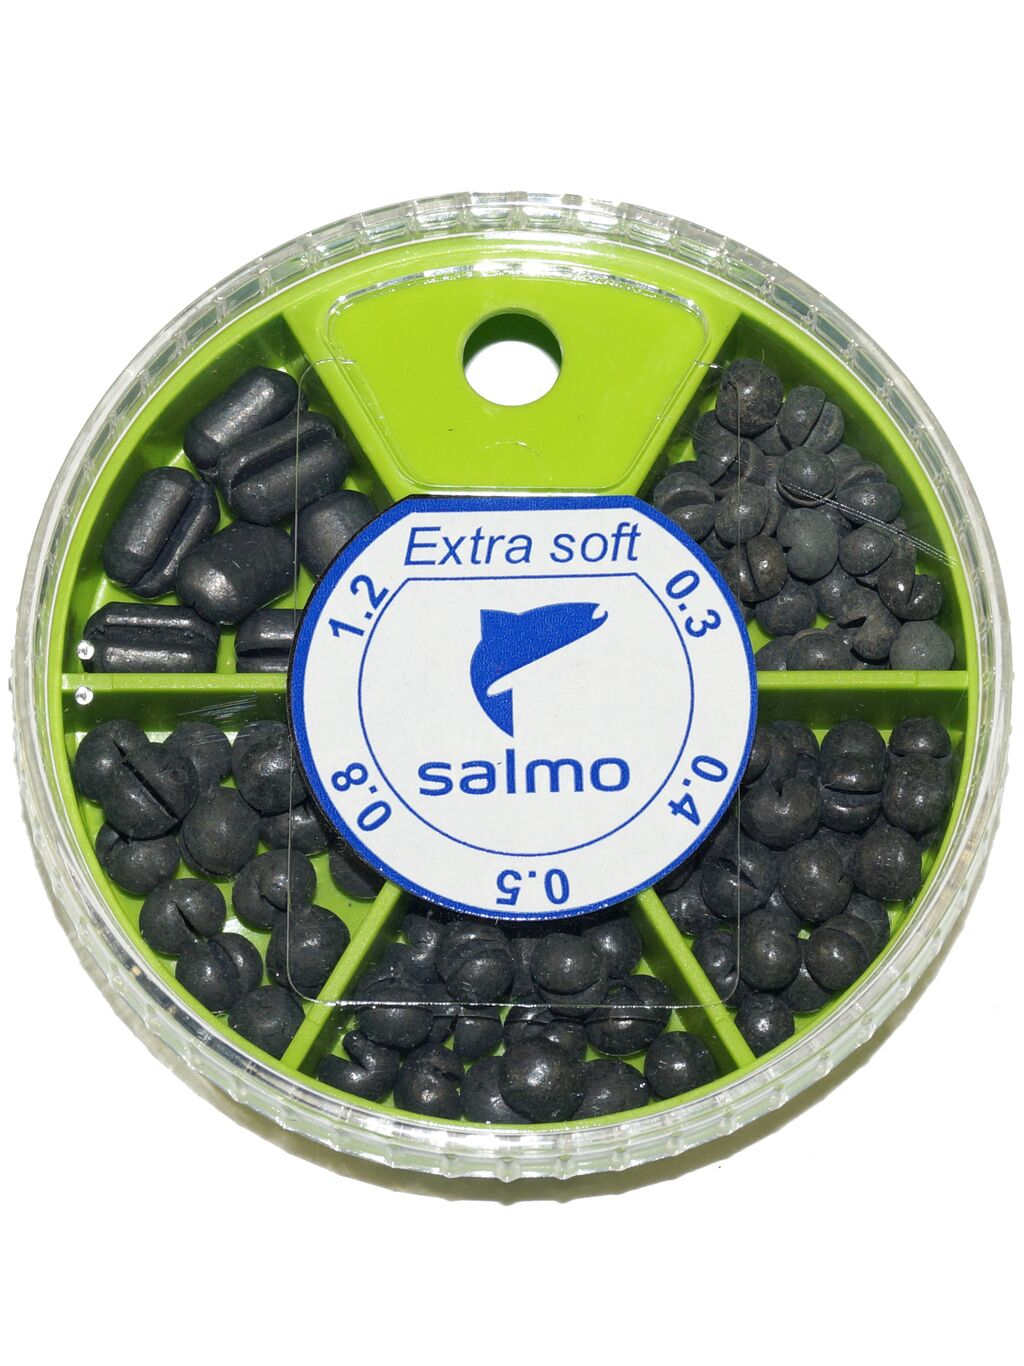 Грузила Salmo EXTRA SOFT комби малый 5 секц. 0,3-1,2г 060г набор 1